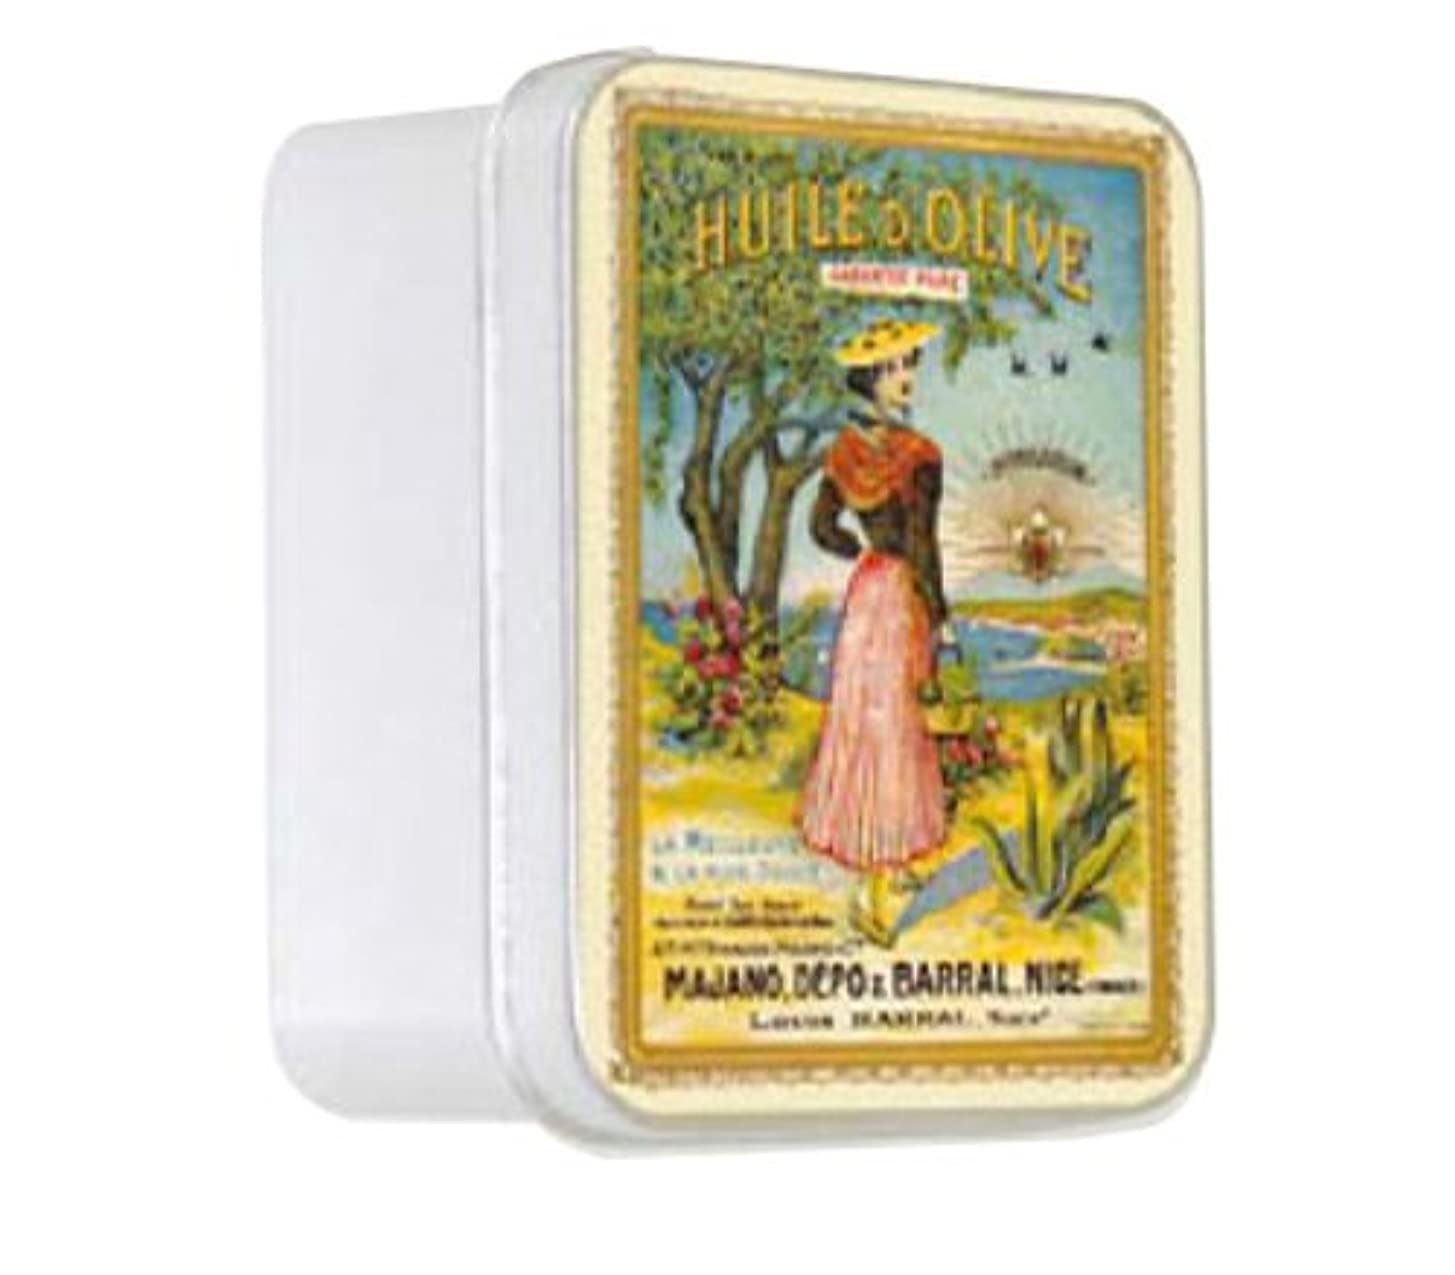 ルブランソープ メタルボックス(ラ ニソワーズ?オリーブの香り)石鹸